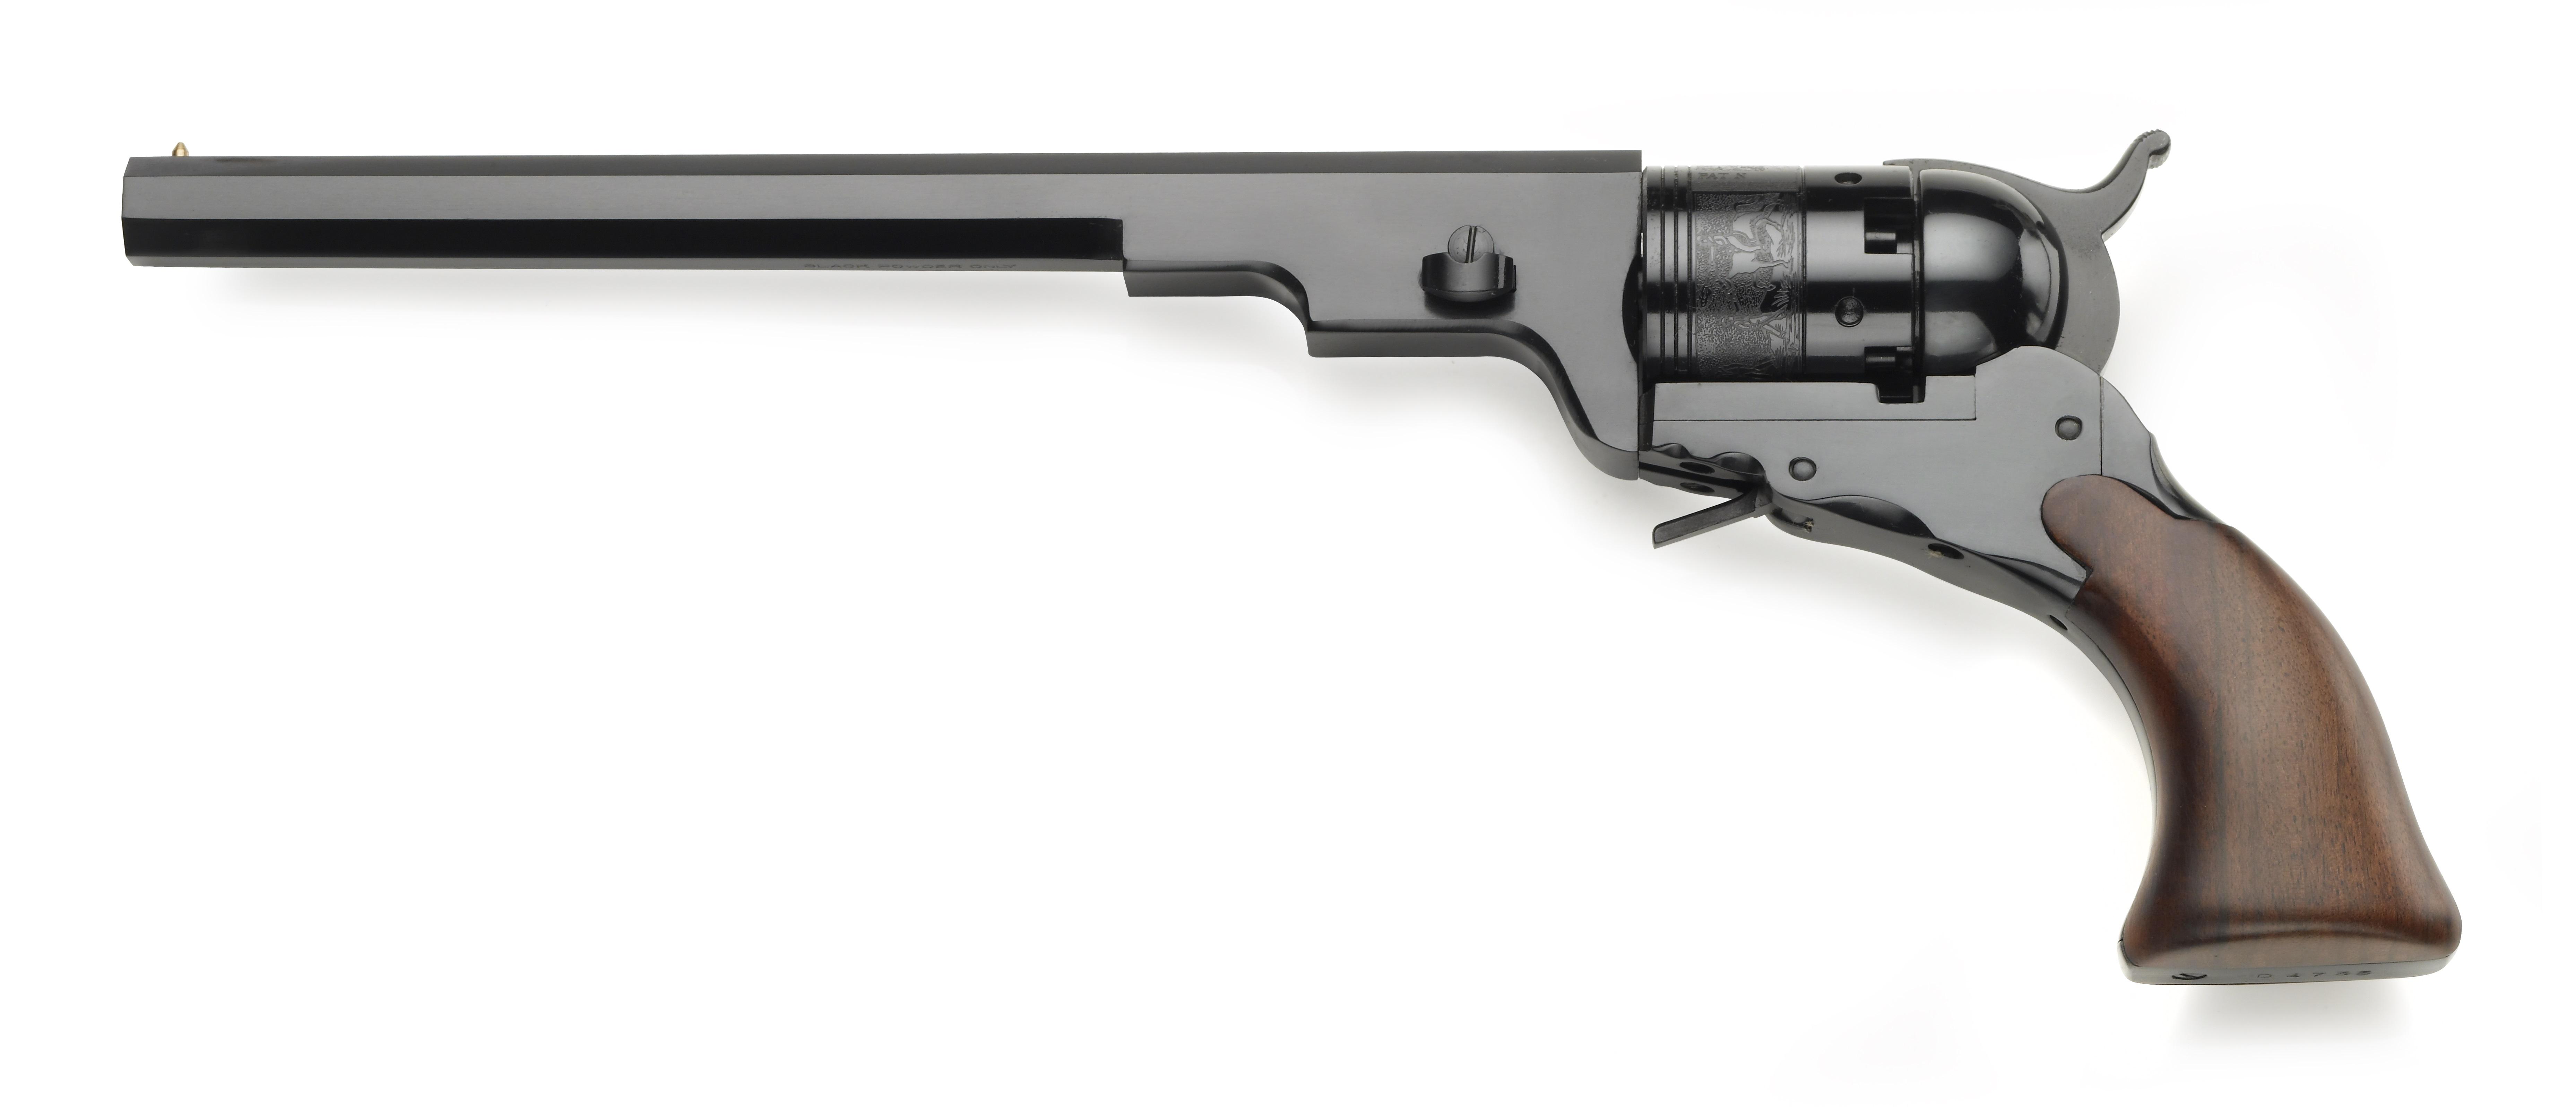 Black Powder Pistols - EMF Company